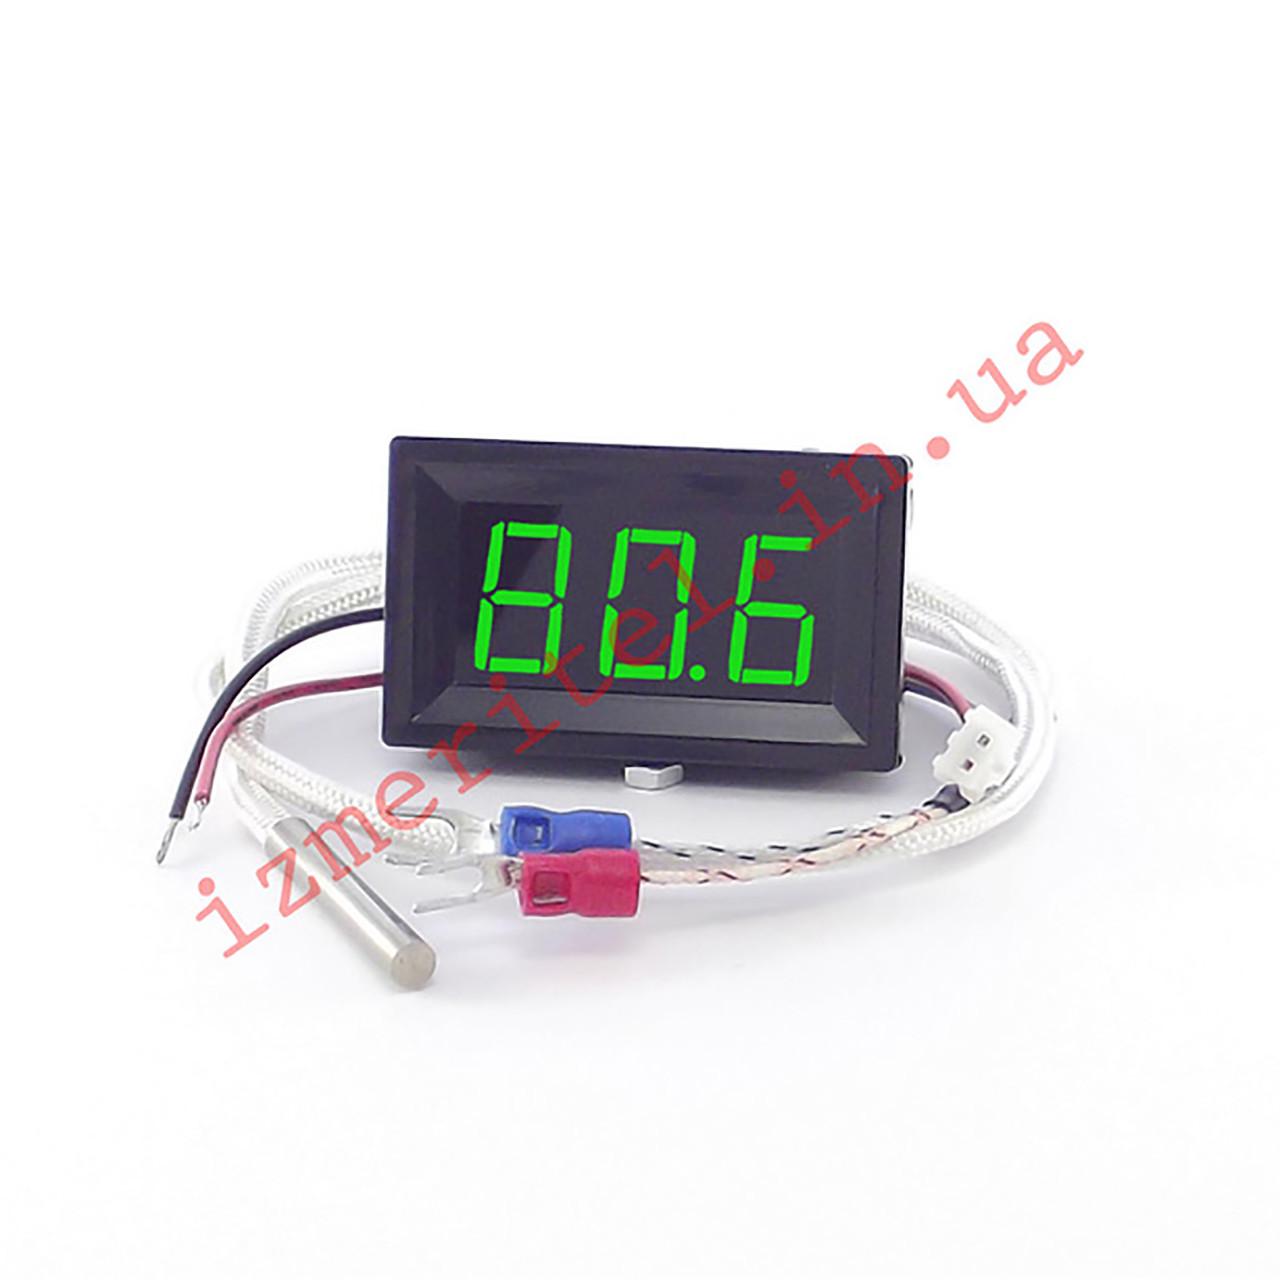 Цифровой термометр XH-B310